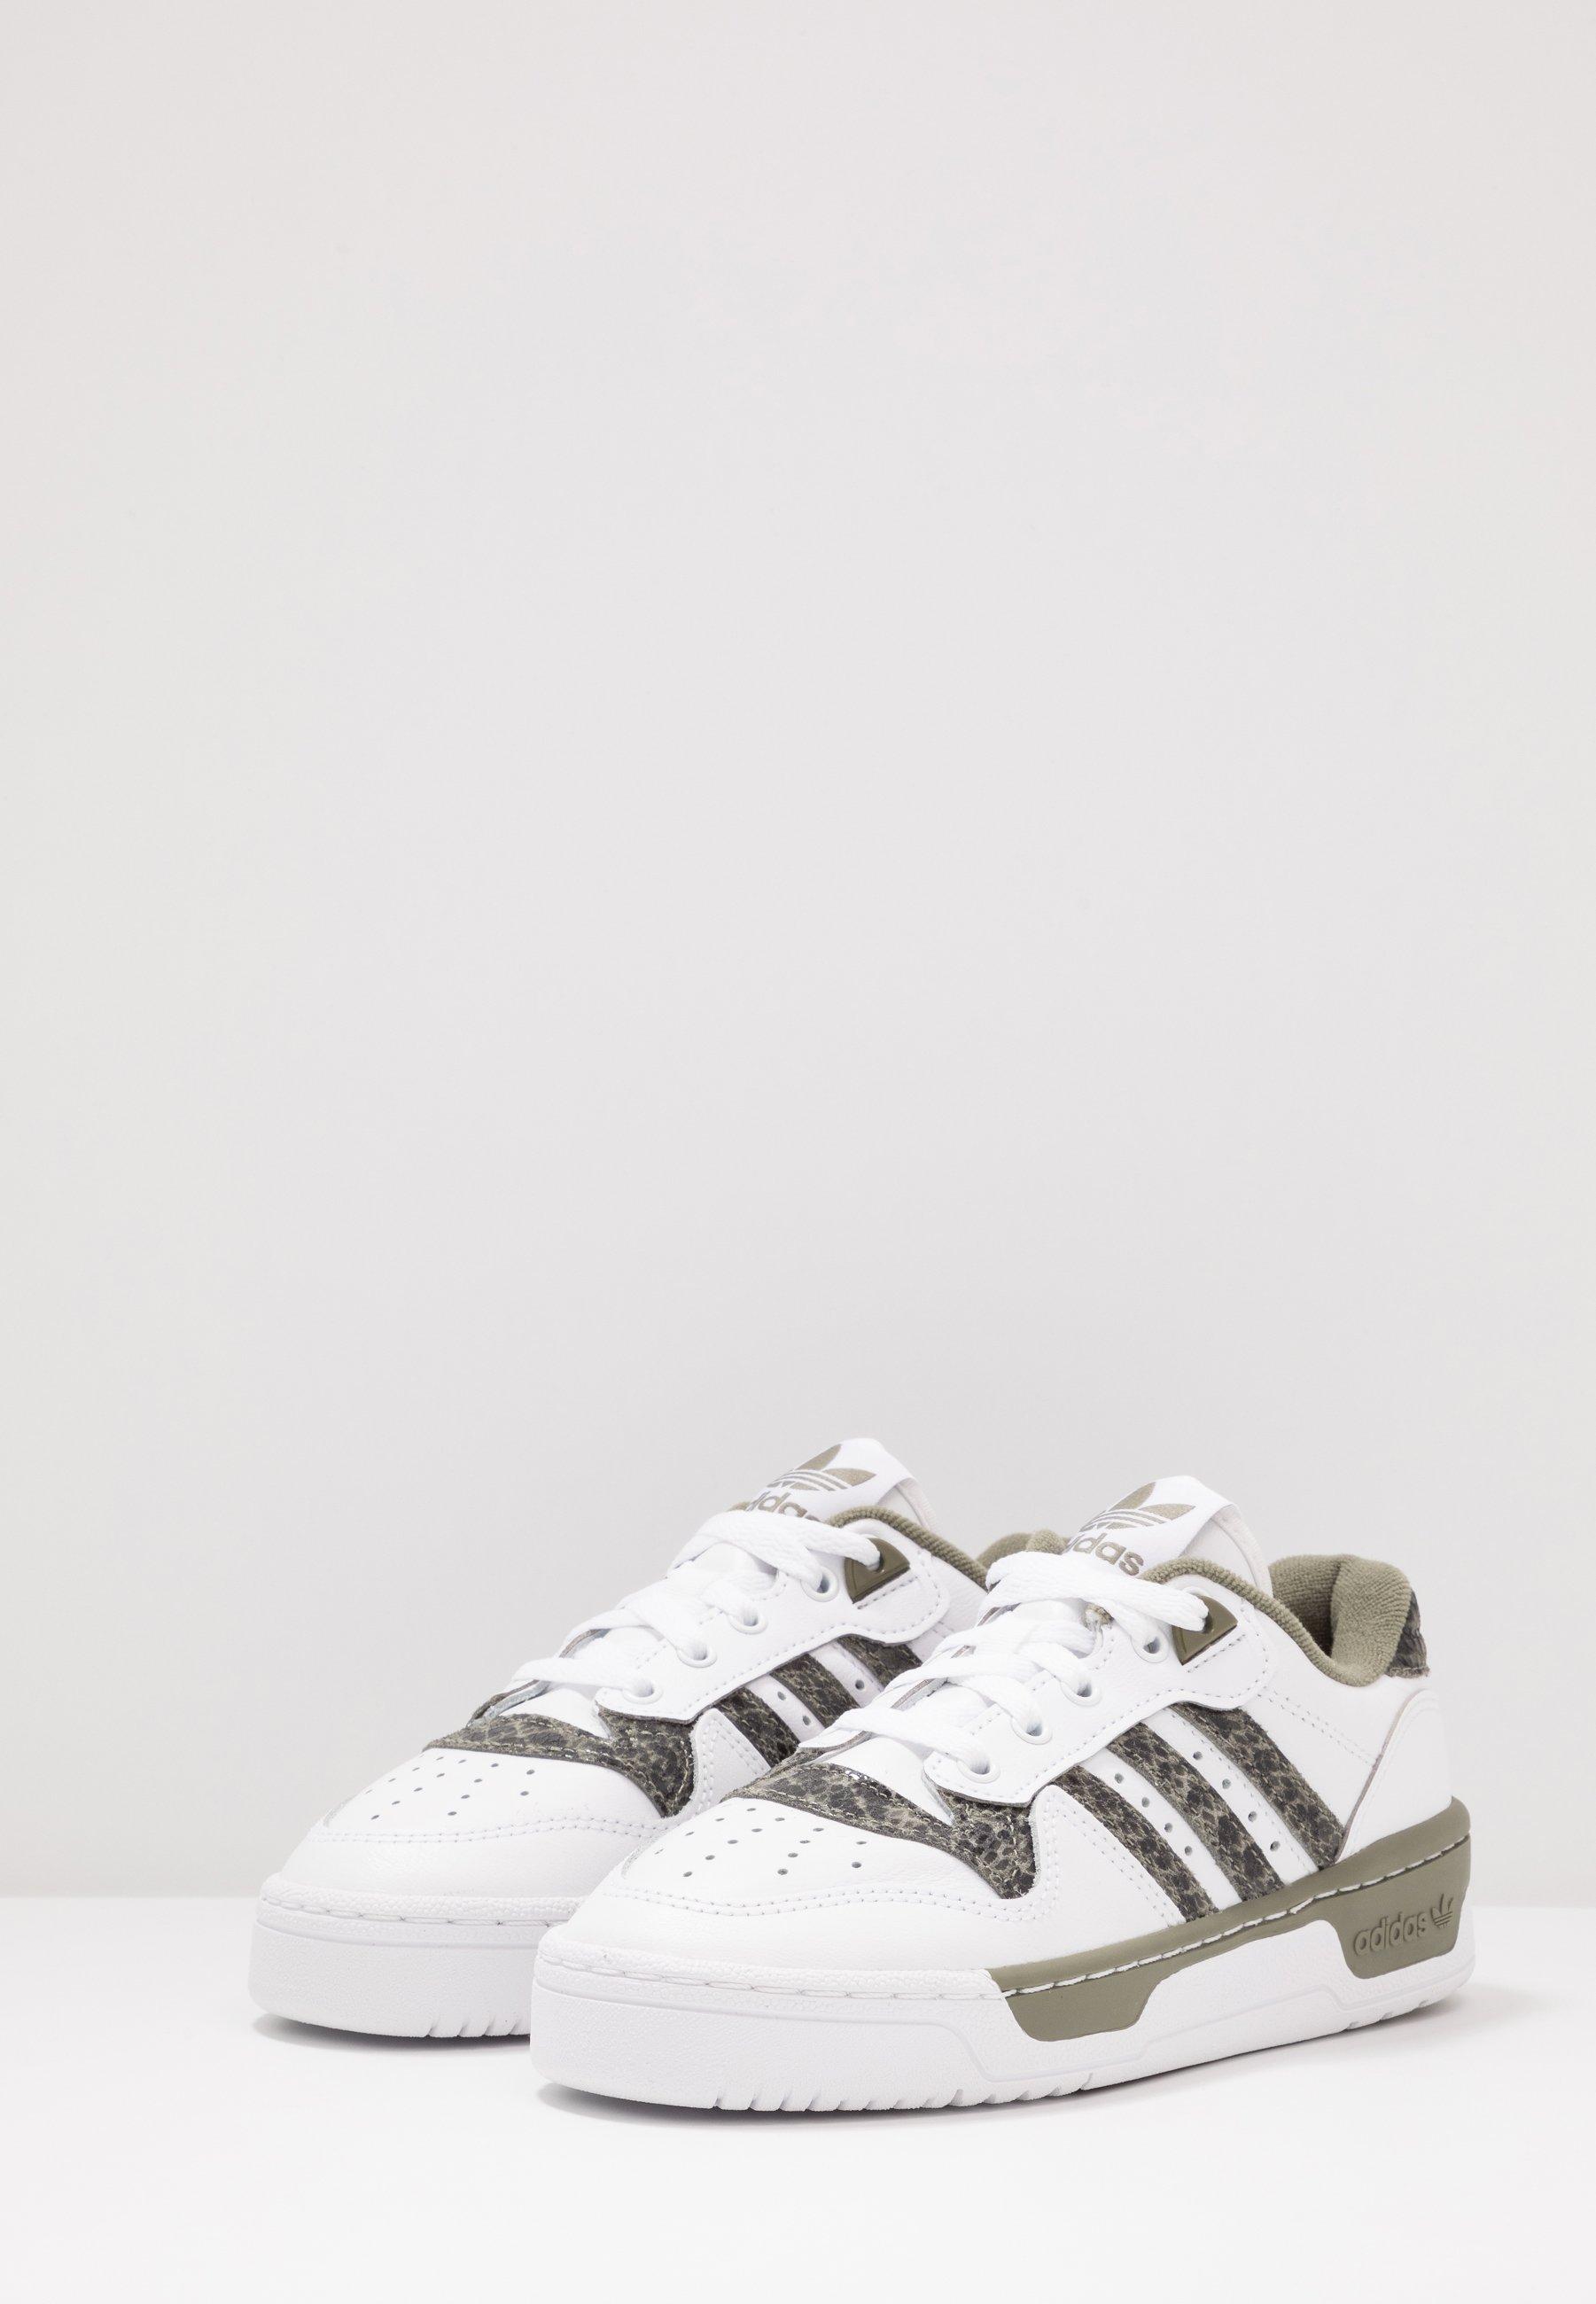 RIVALRY Sneakers footwear whitelegend green